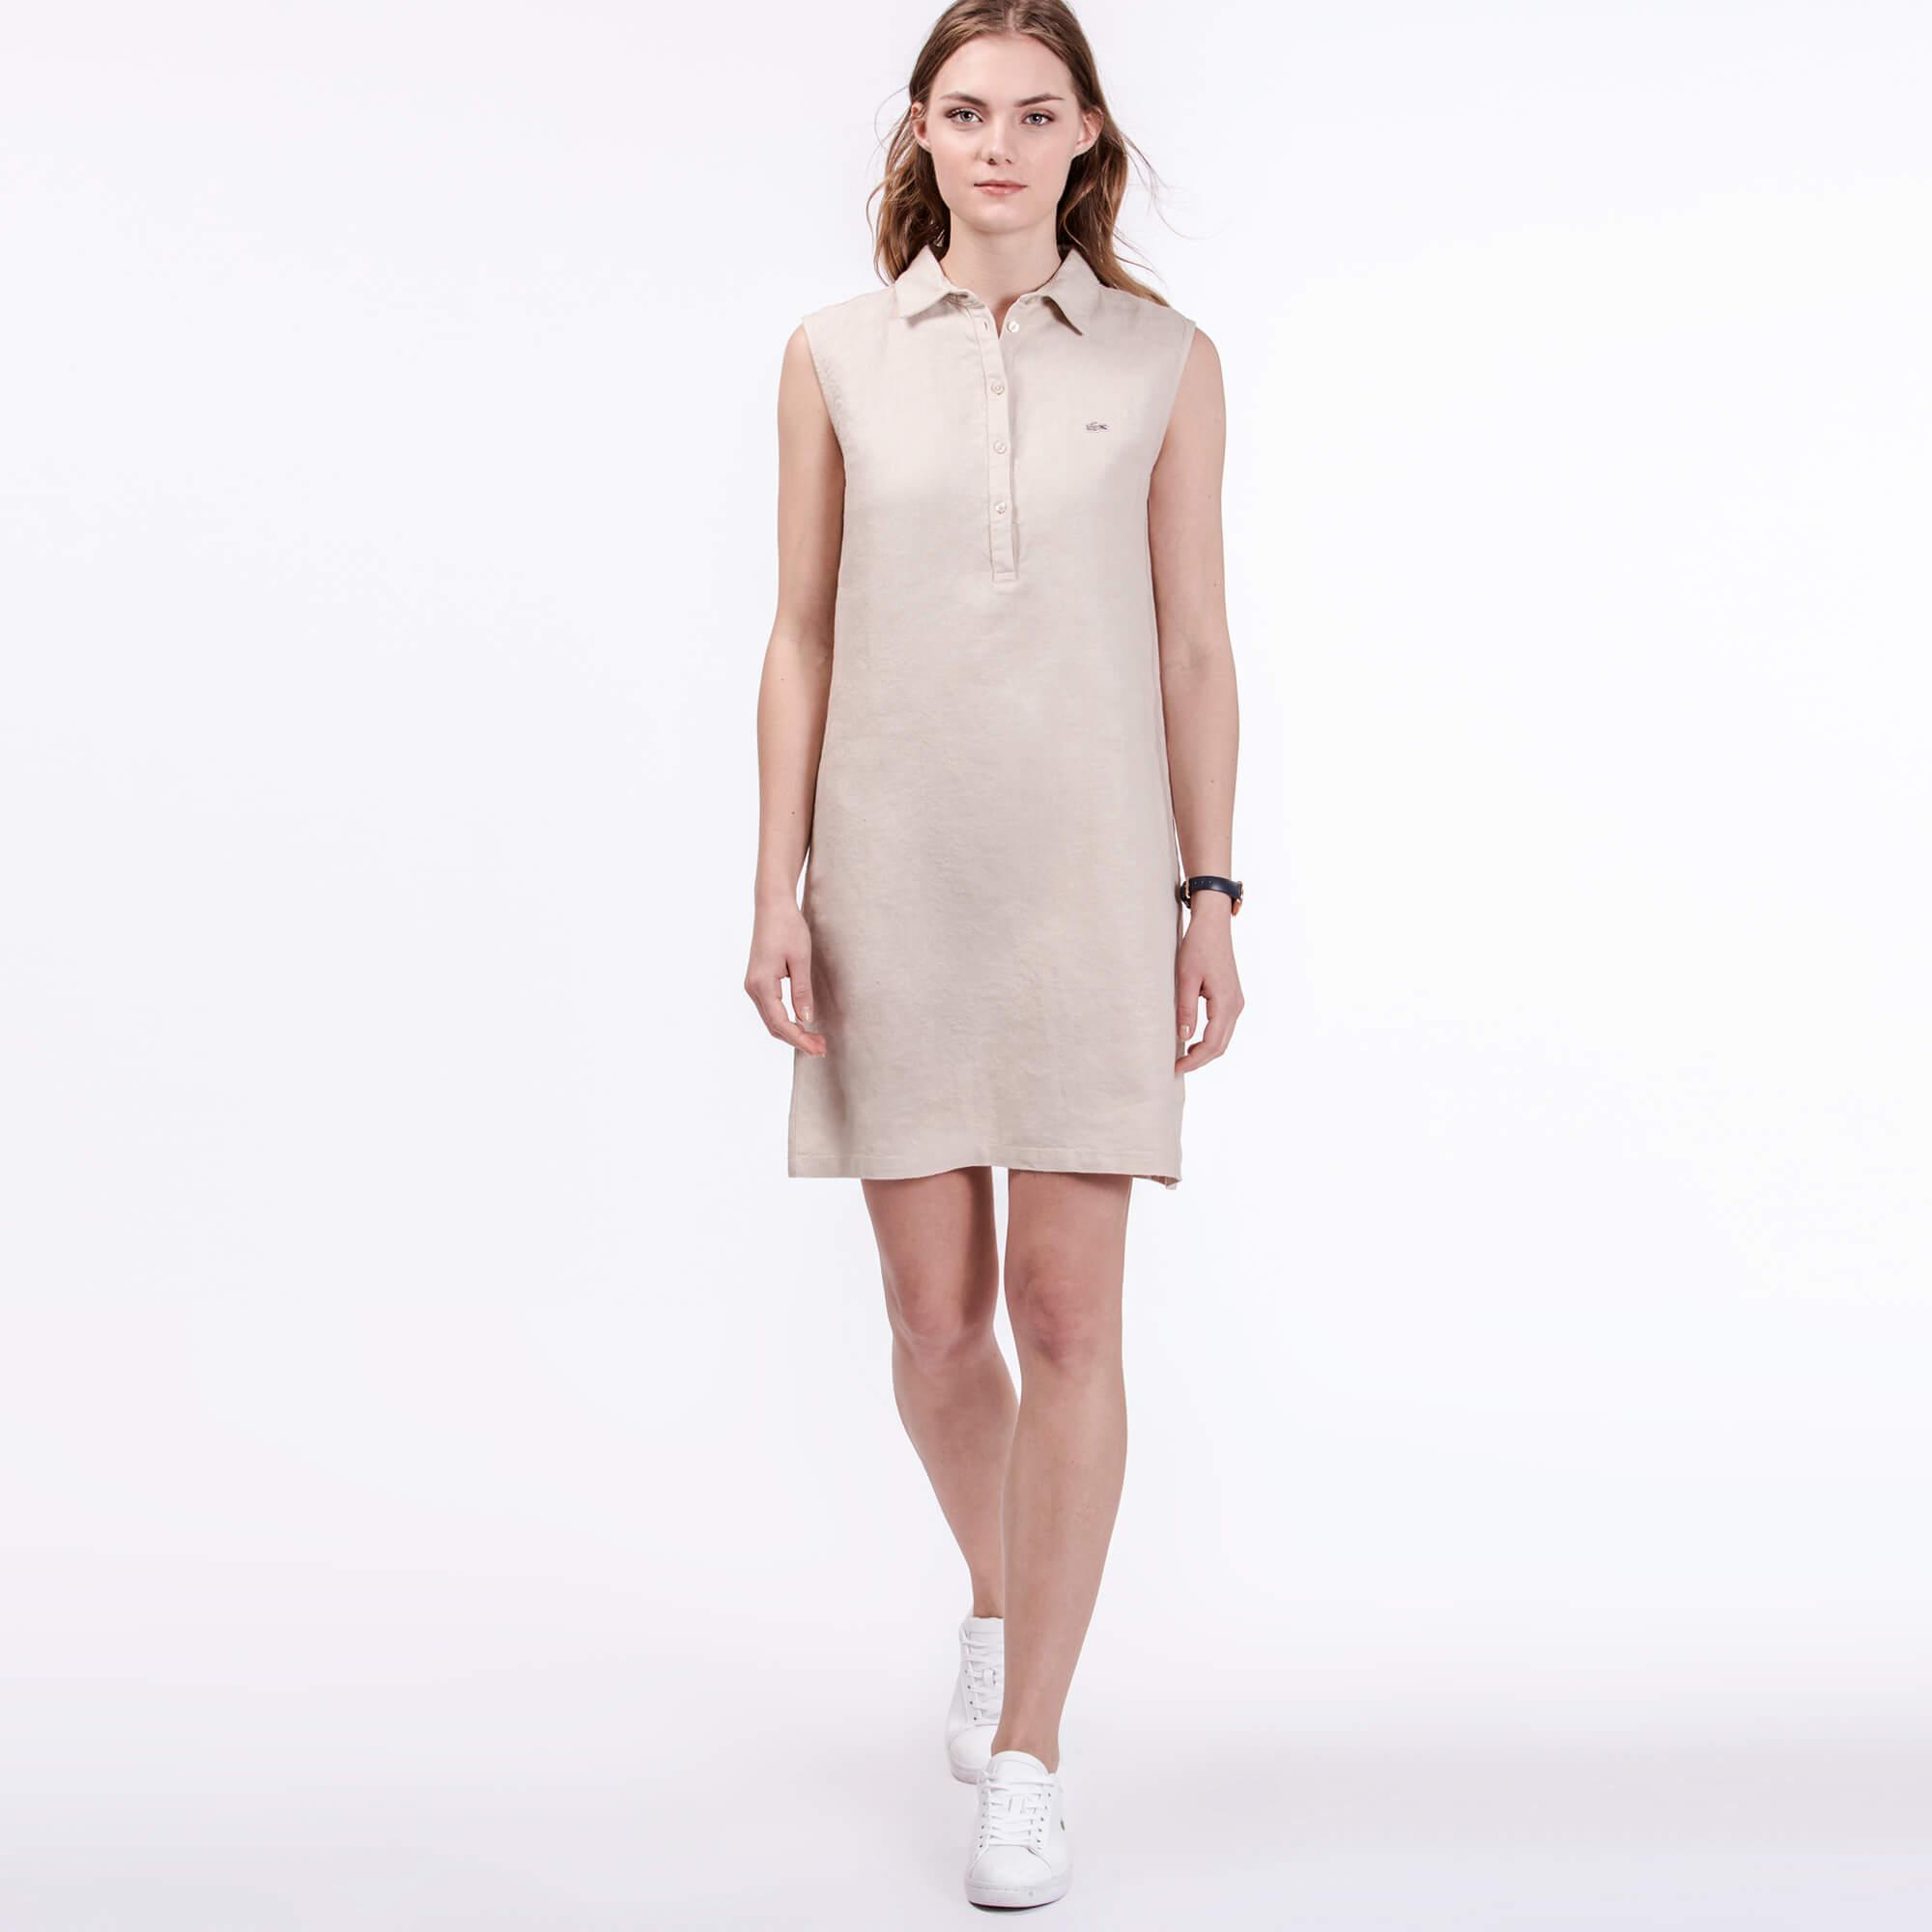 Lacoste Kadın Krem Rengi Elbise